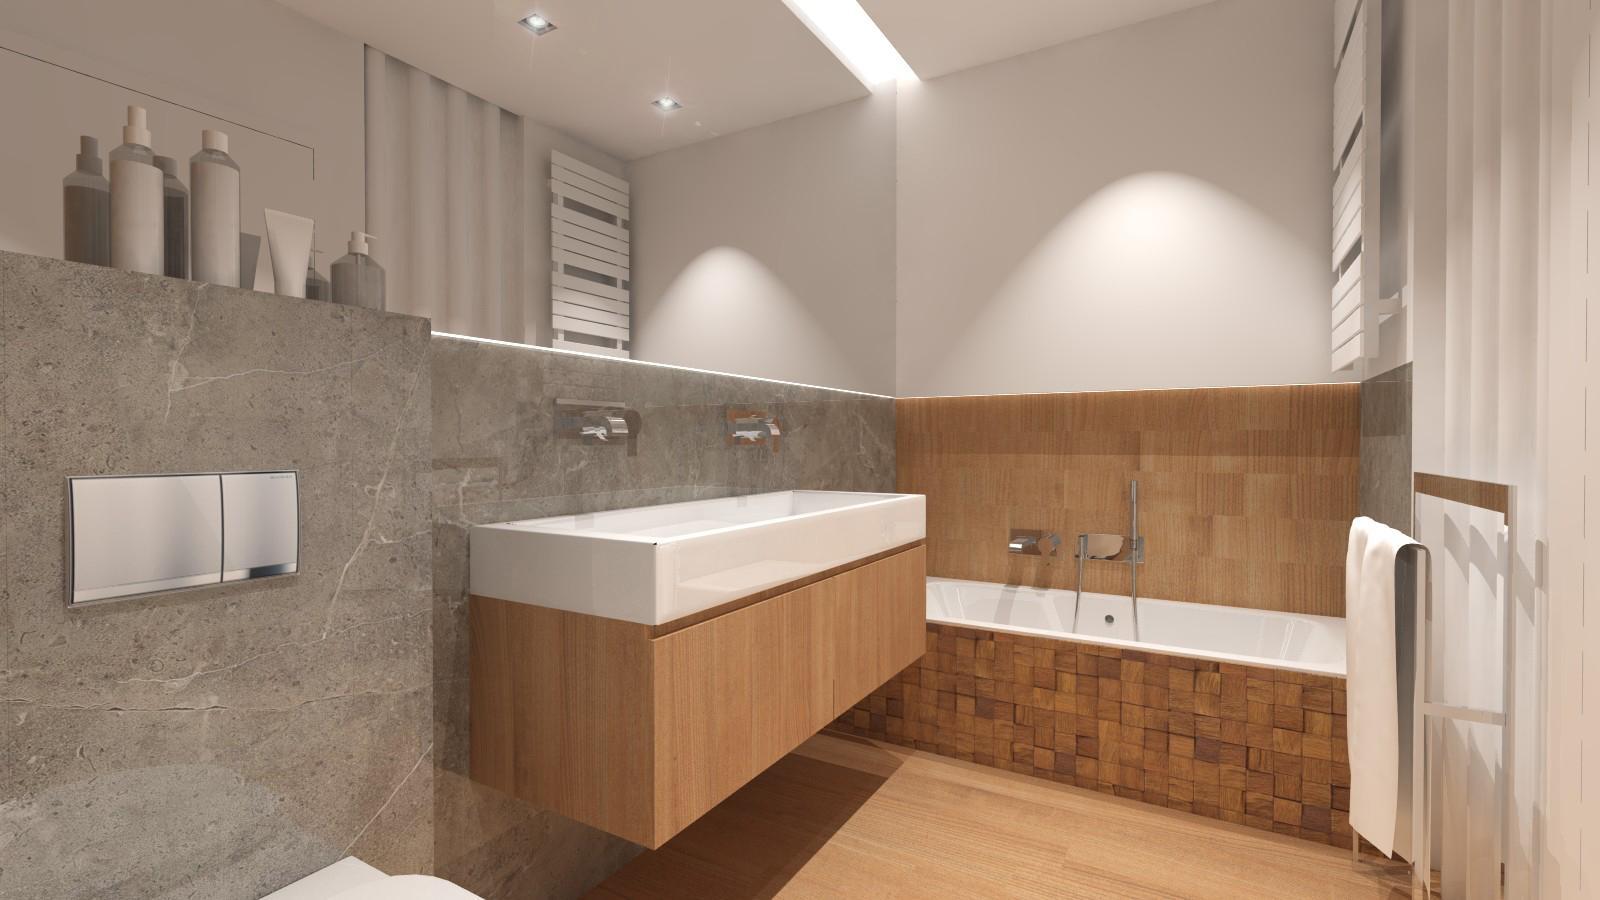 nowoczesna łazienka w naturalnych kolorach, wanna zabudowana z mozaiką drewnianą, gres imitujący kamień, sufit podświetlany, lustro na całej długości łazienki